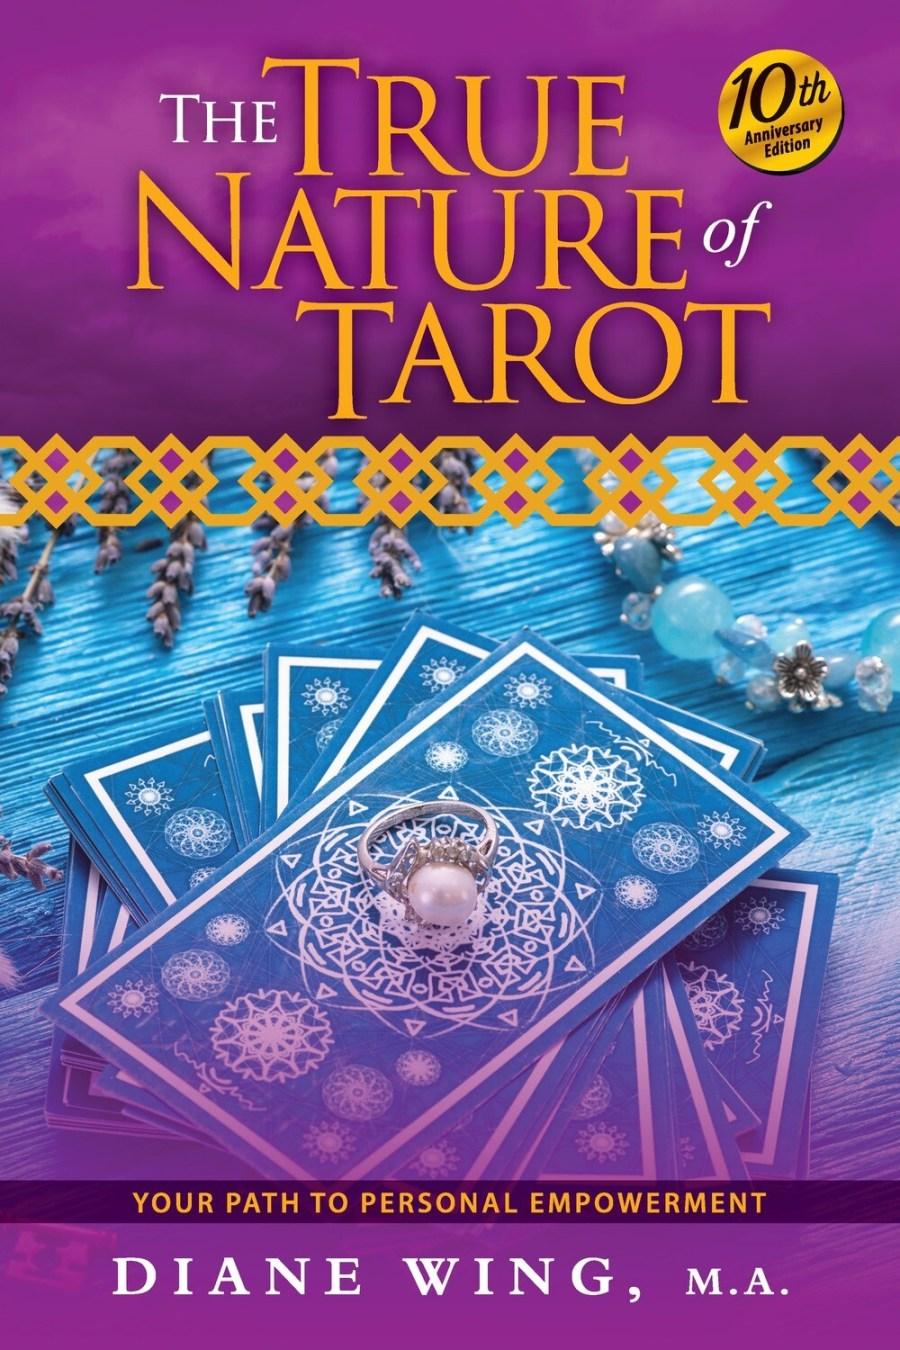 The True Nature of Tarot - 10th Anniversary Ed. [HC]